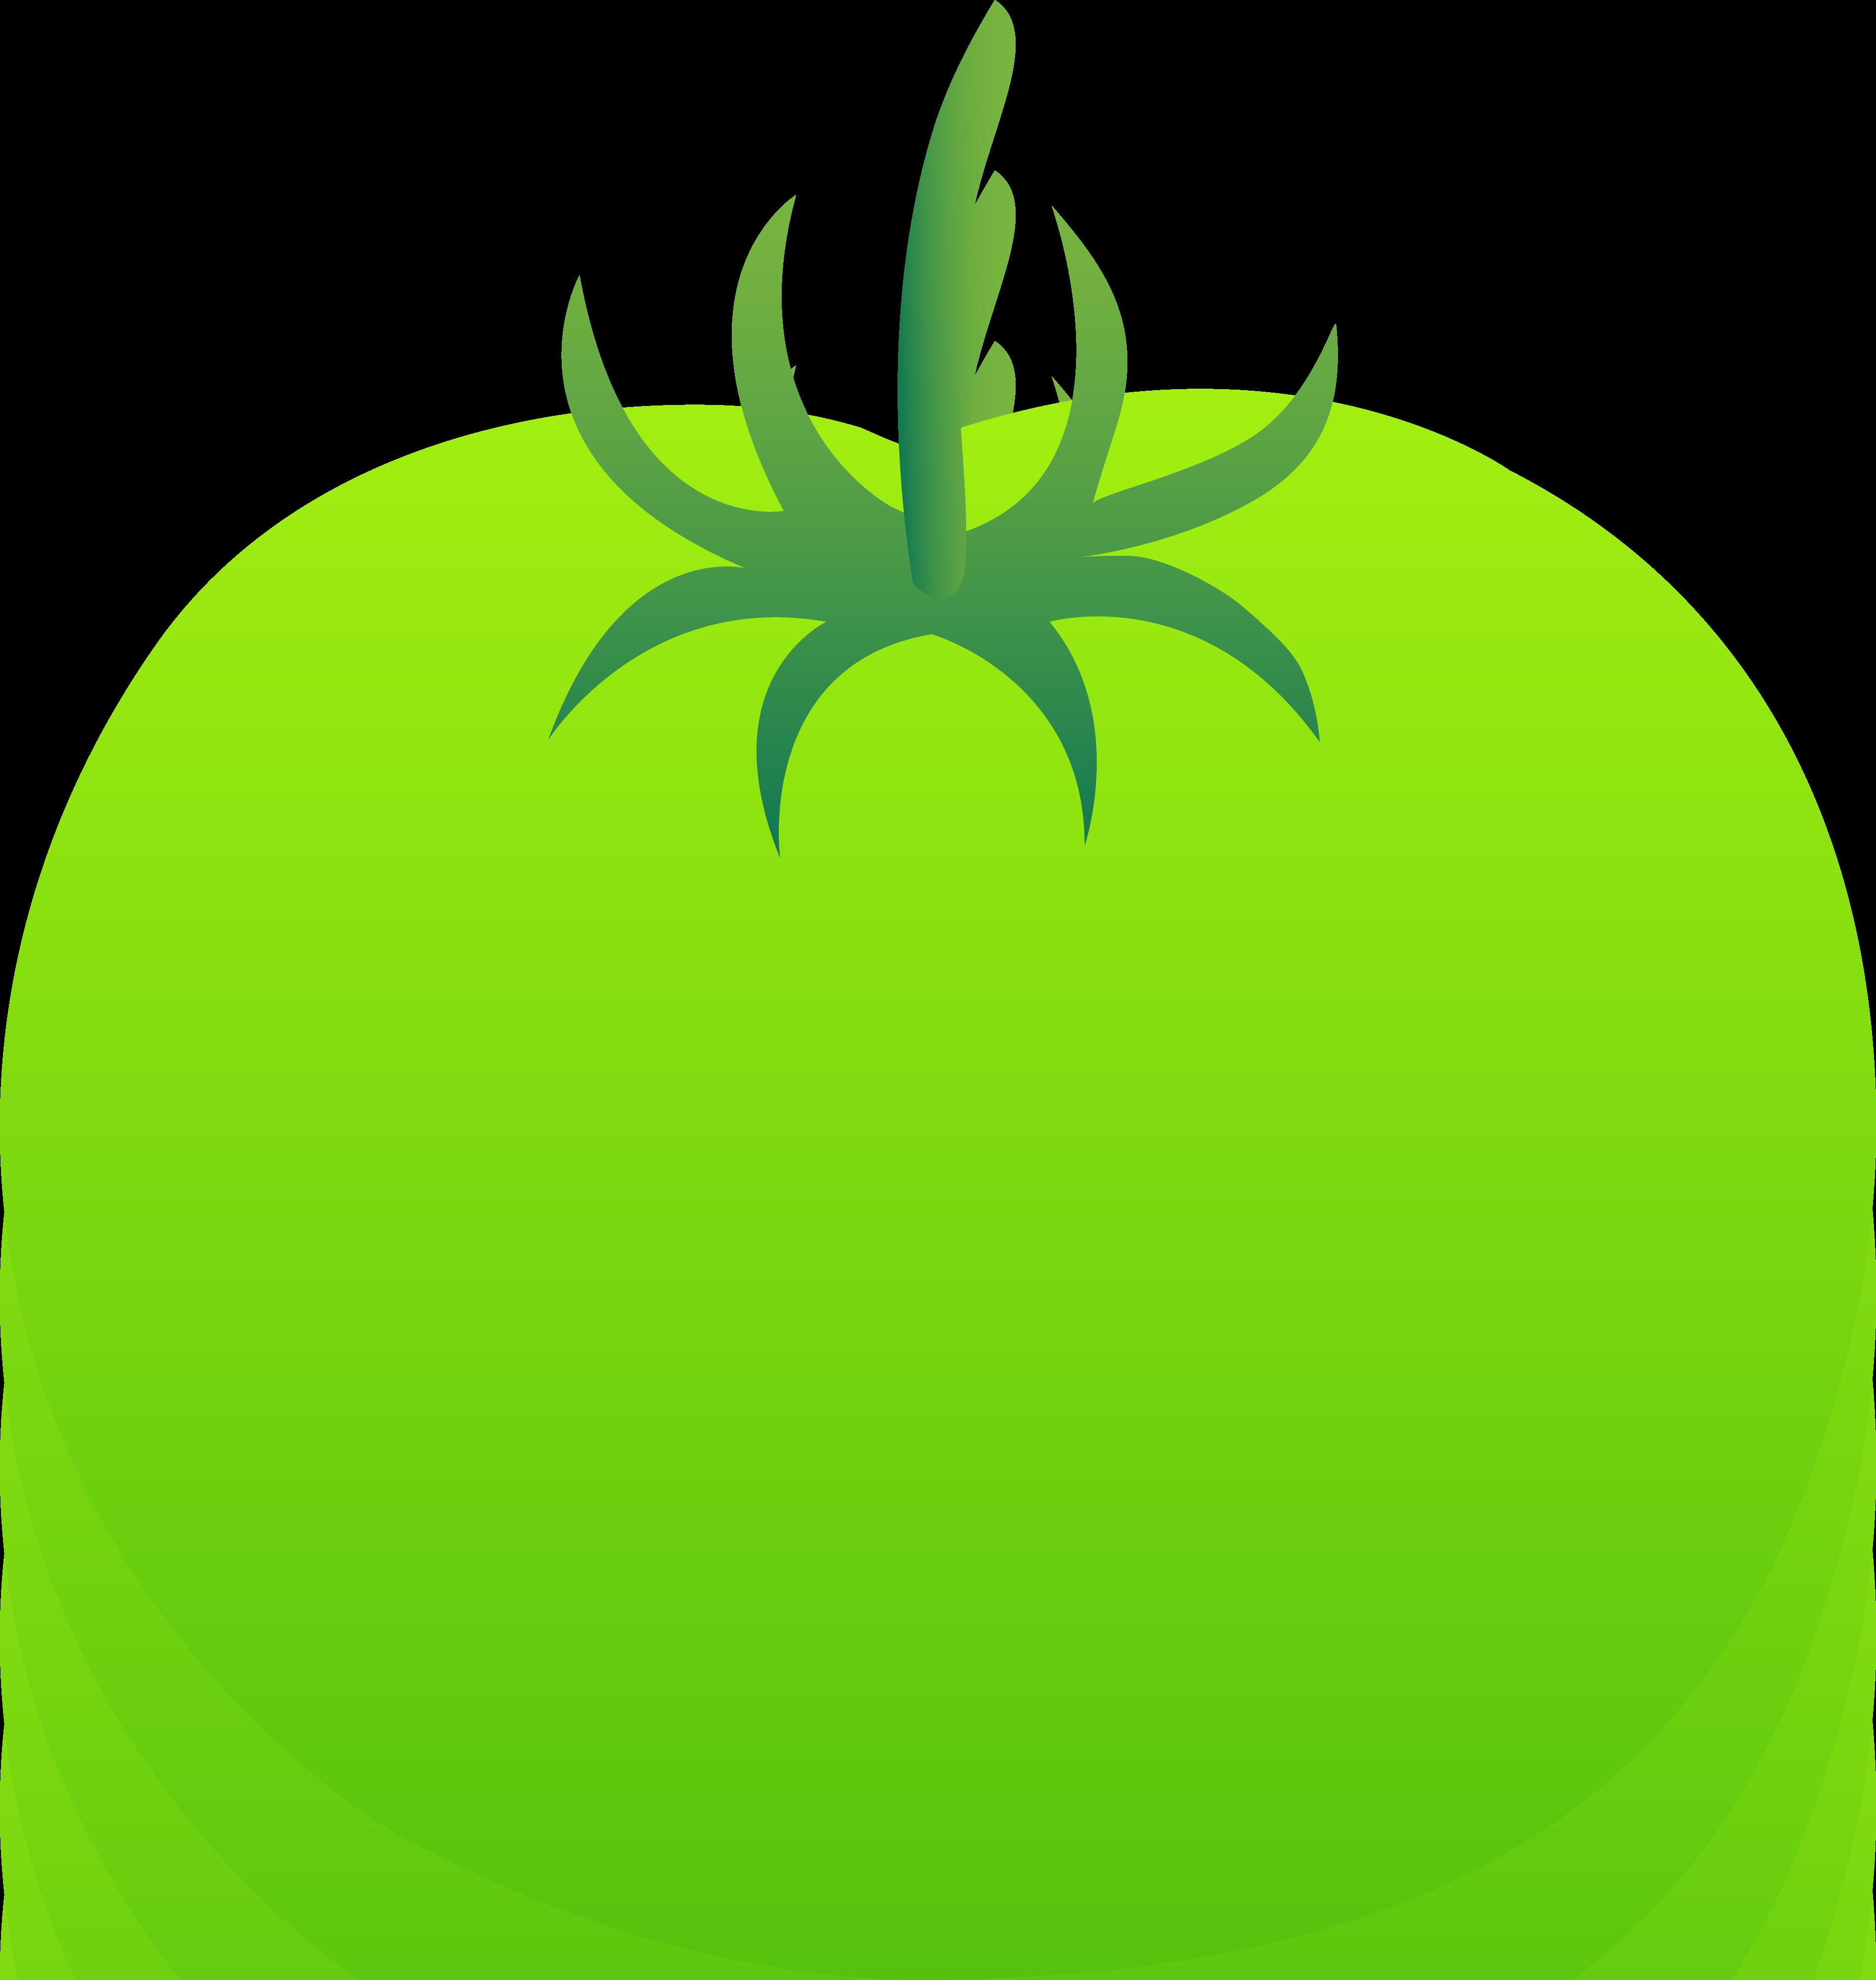 Whole Bright Green Tomato.